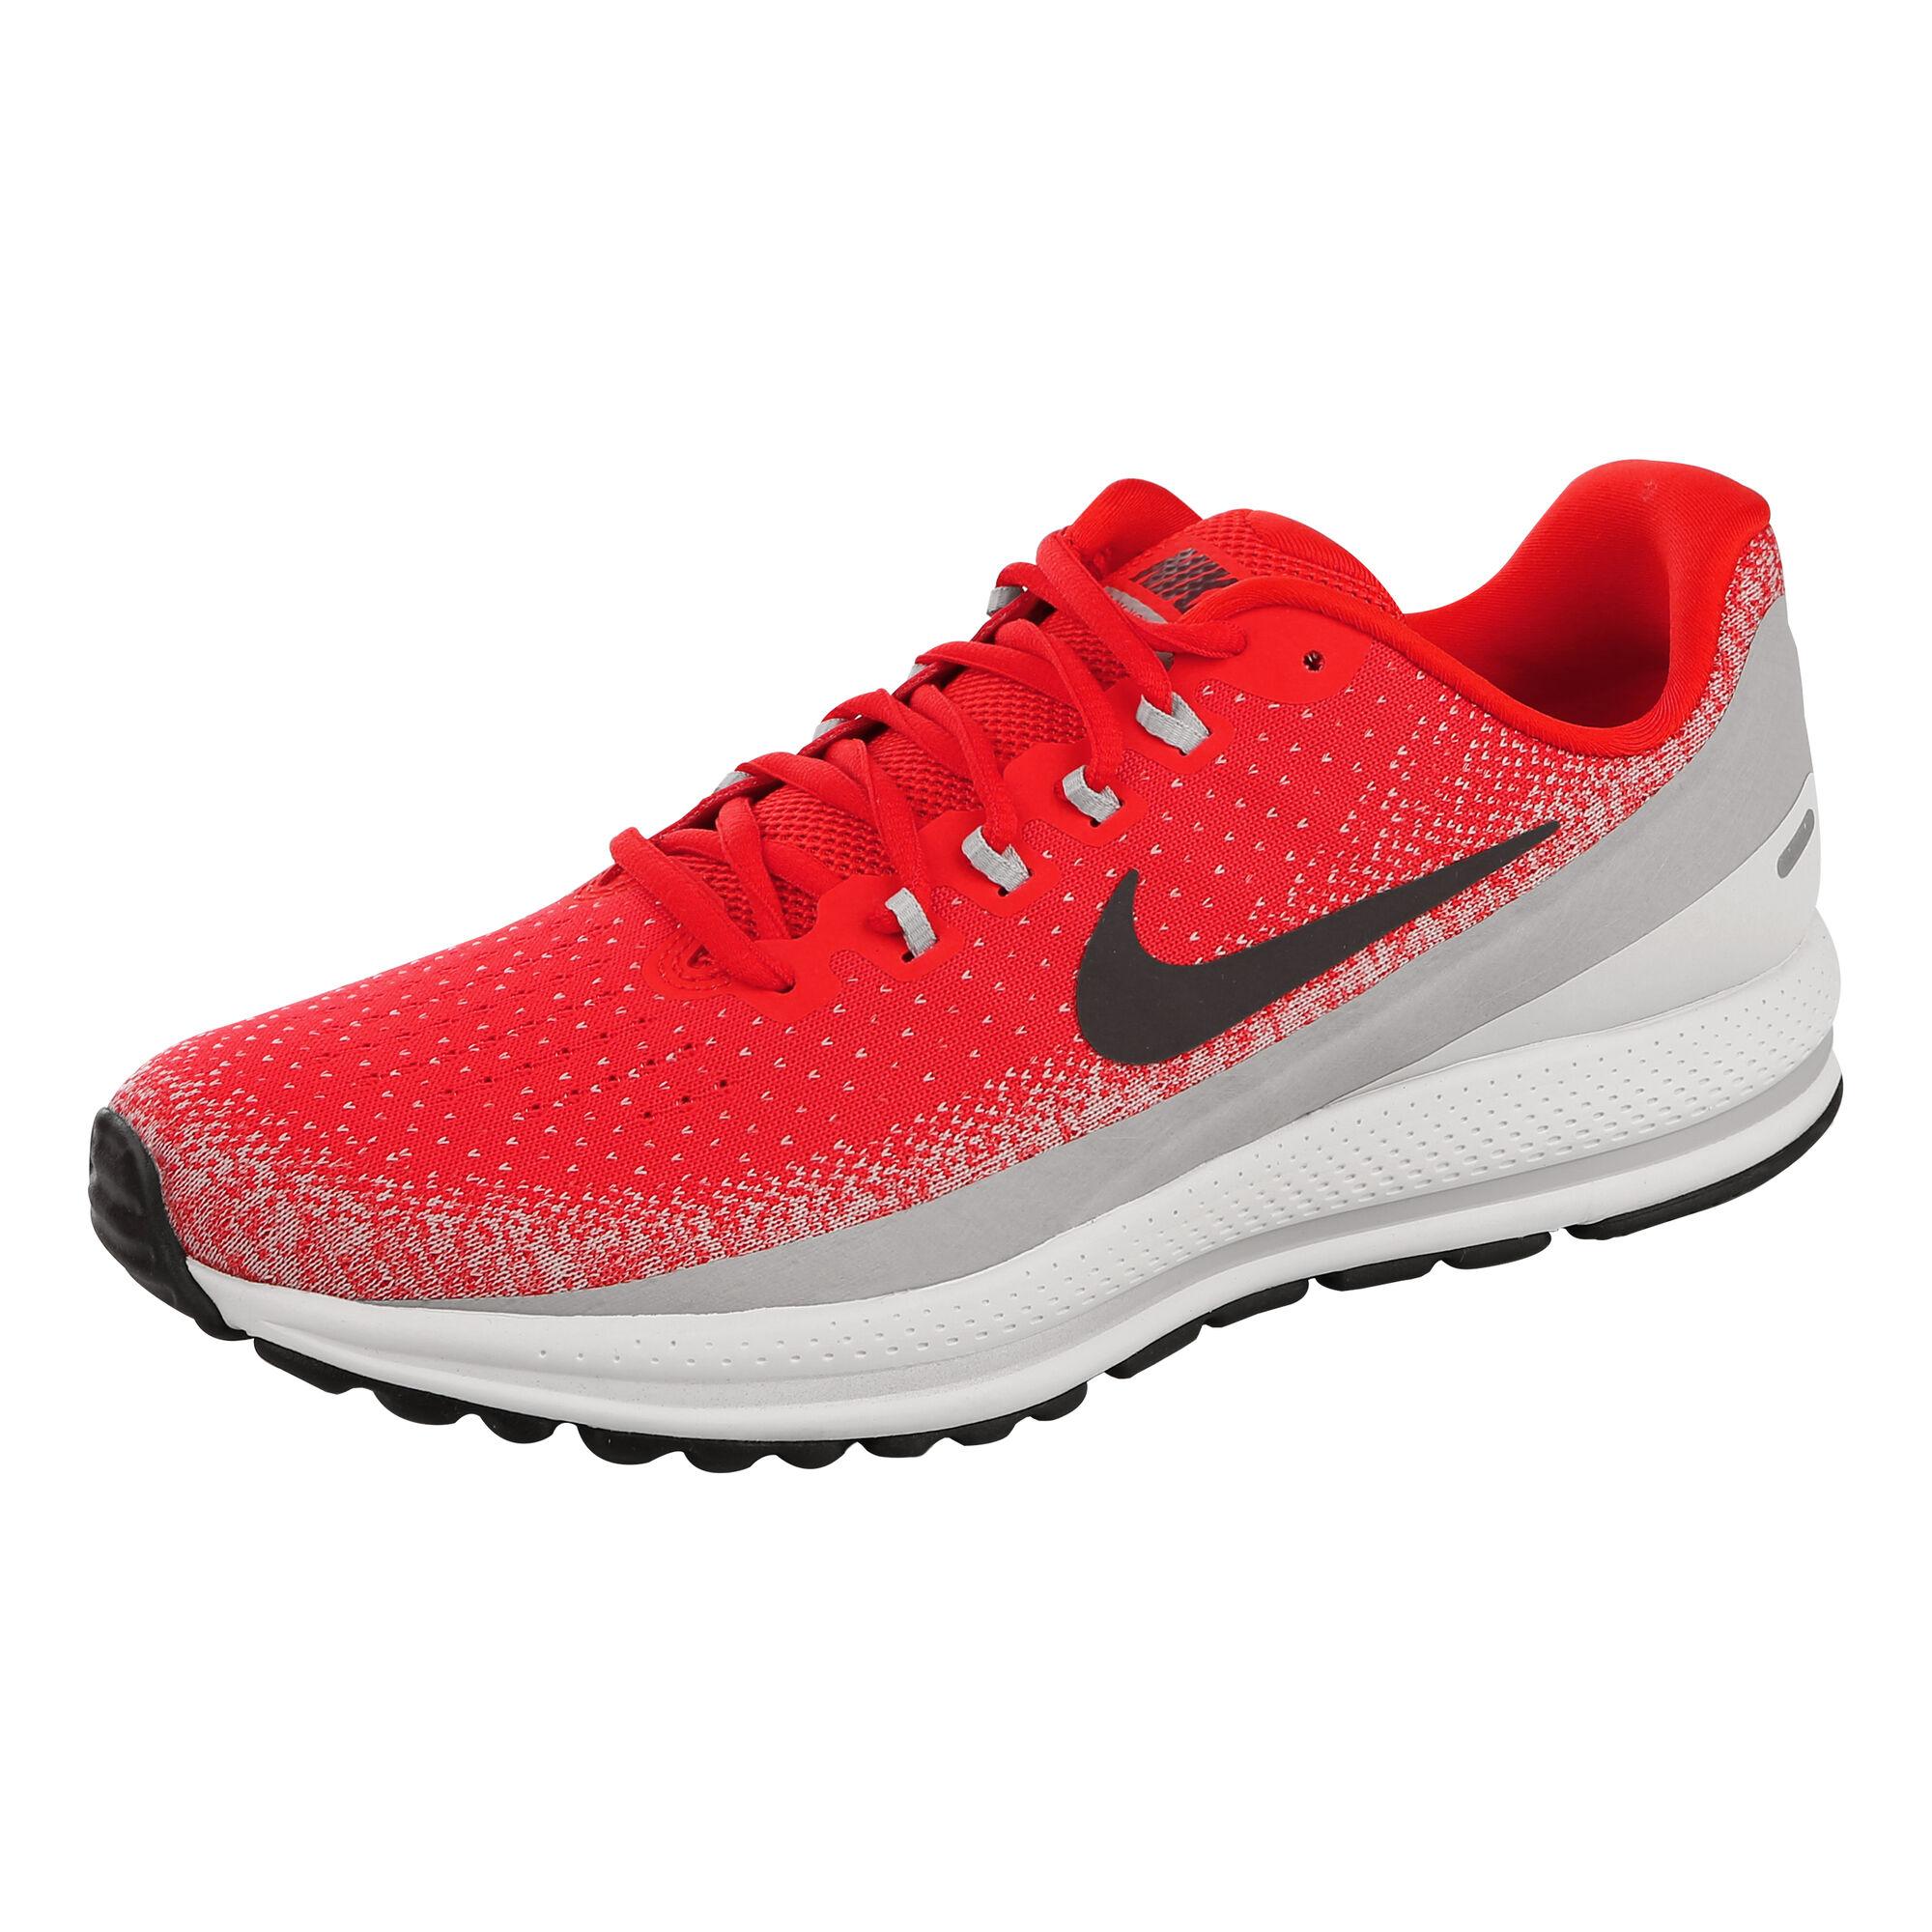 promo code 26a45 d27b3 Nike · Nike · Nike · Nike · Nike. Air Zoom Vomero 13 Men ...